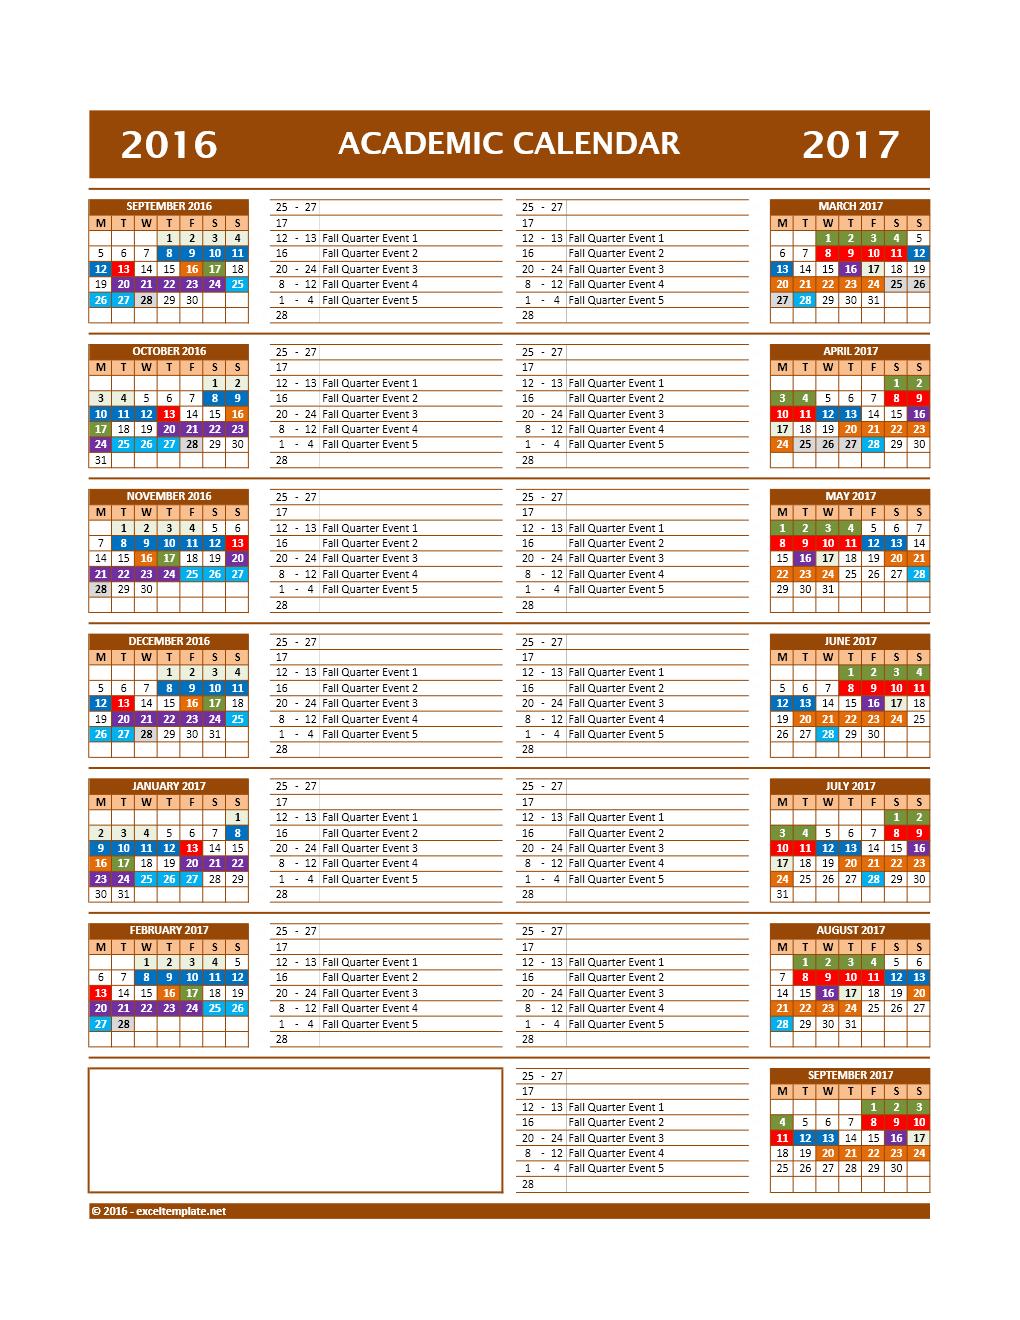 20172018 and 20162017 school calendar templates excel templates 20162017 school calendar model 12 alramifo Images